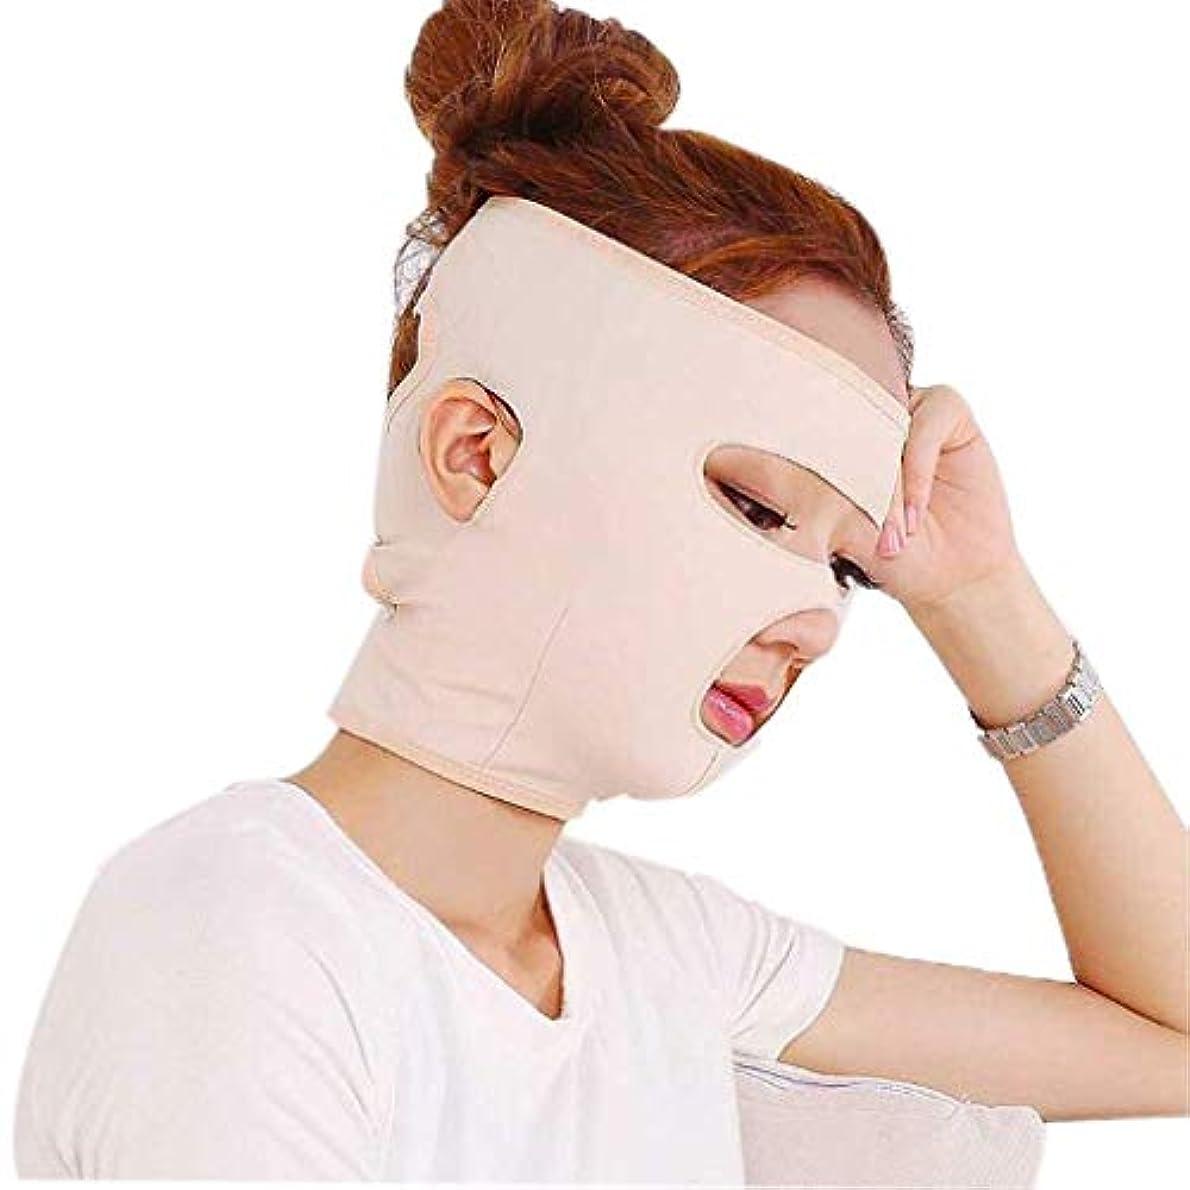 聖人エキスメタリックフェイスリフティングマスク、フルフェイス通気性の術後回復包帯リフティング引き締め肌の減少により小さなVフェイスマスクを作成(サイズ:L)